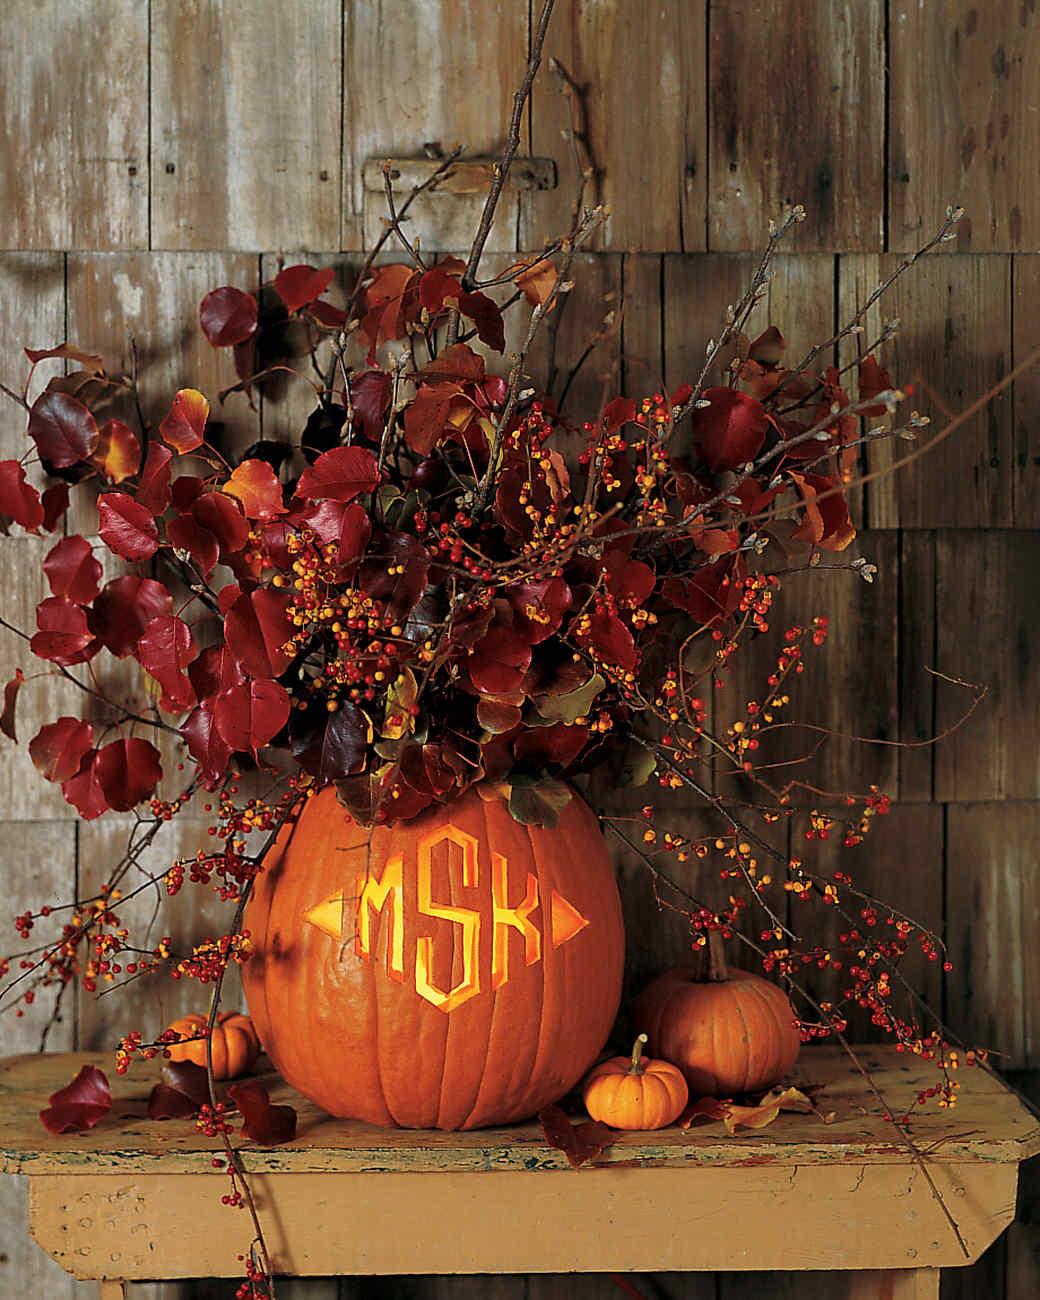 monogram-pumpkin-1010sip8102.jpg